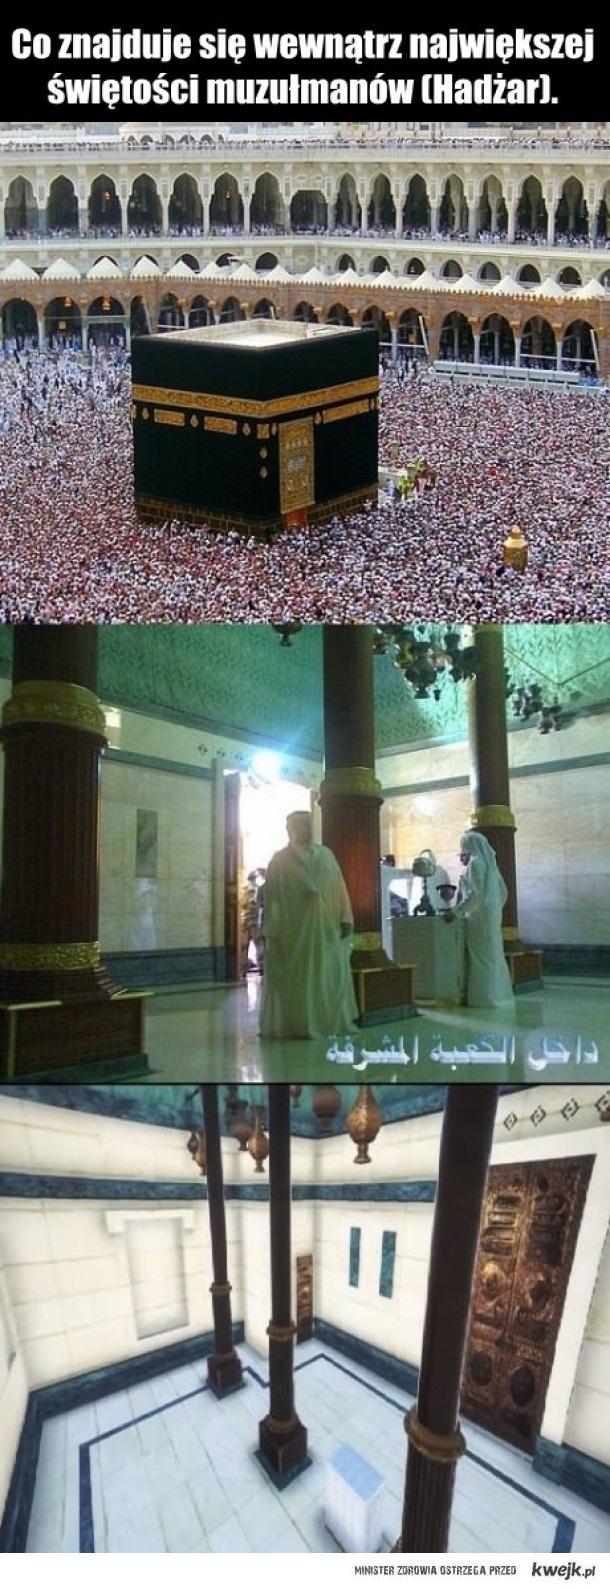 Co znajduje się w największej świętości muzułmanów...